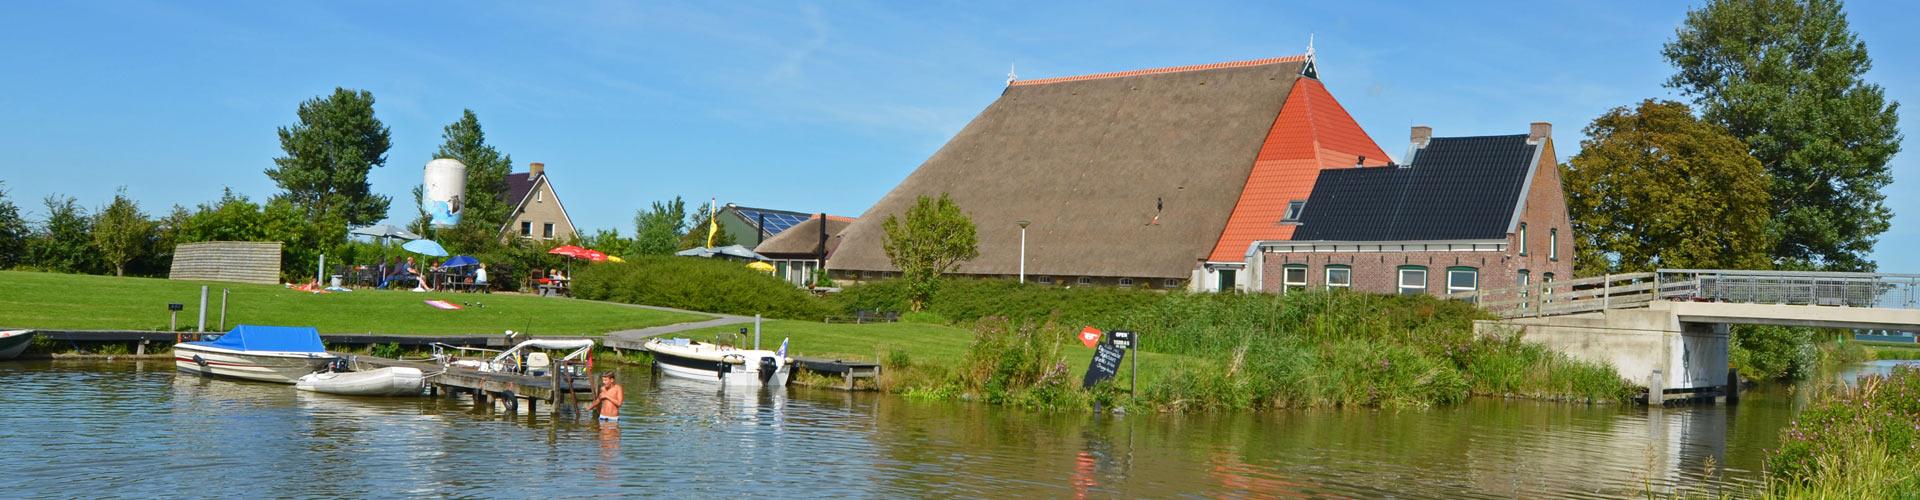 camping-vakantiehuis-camperen-camperplaats-aan-het-water-in-friesland